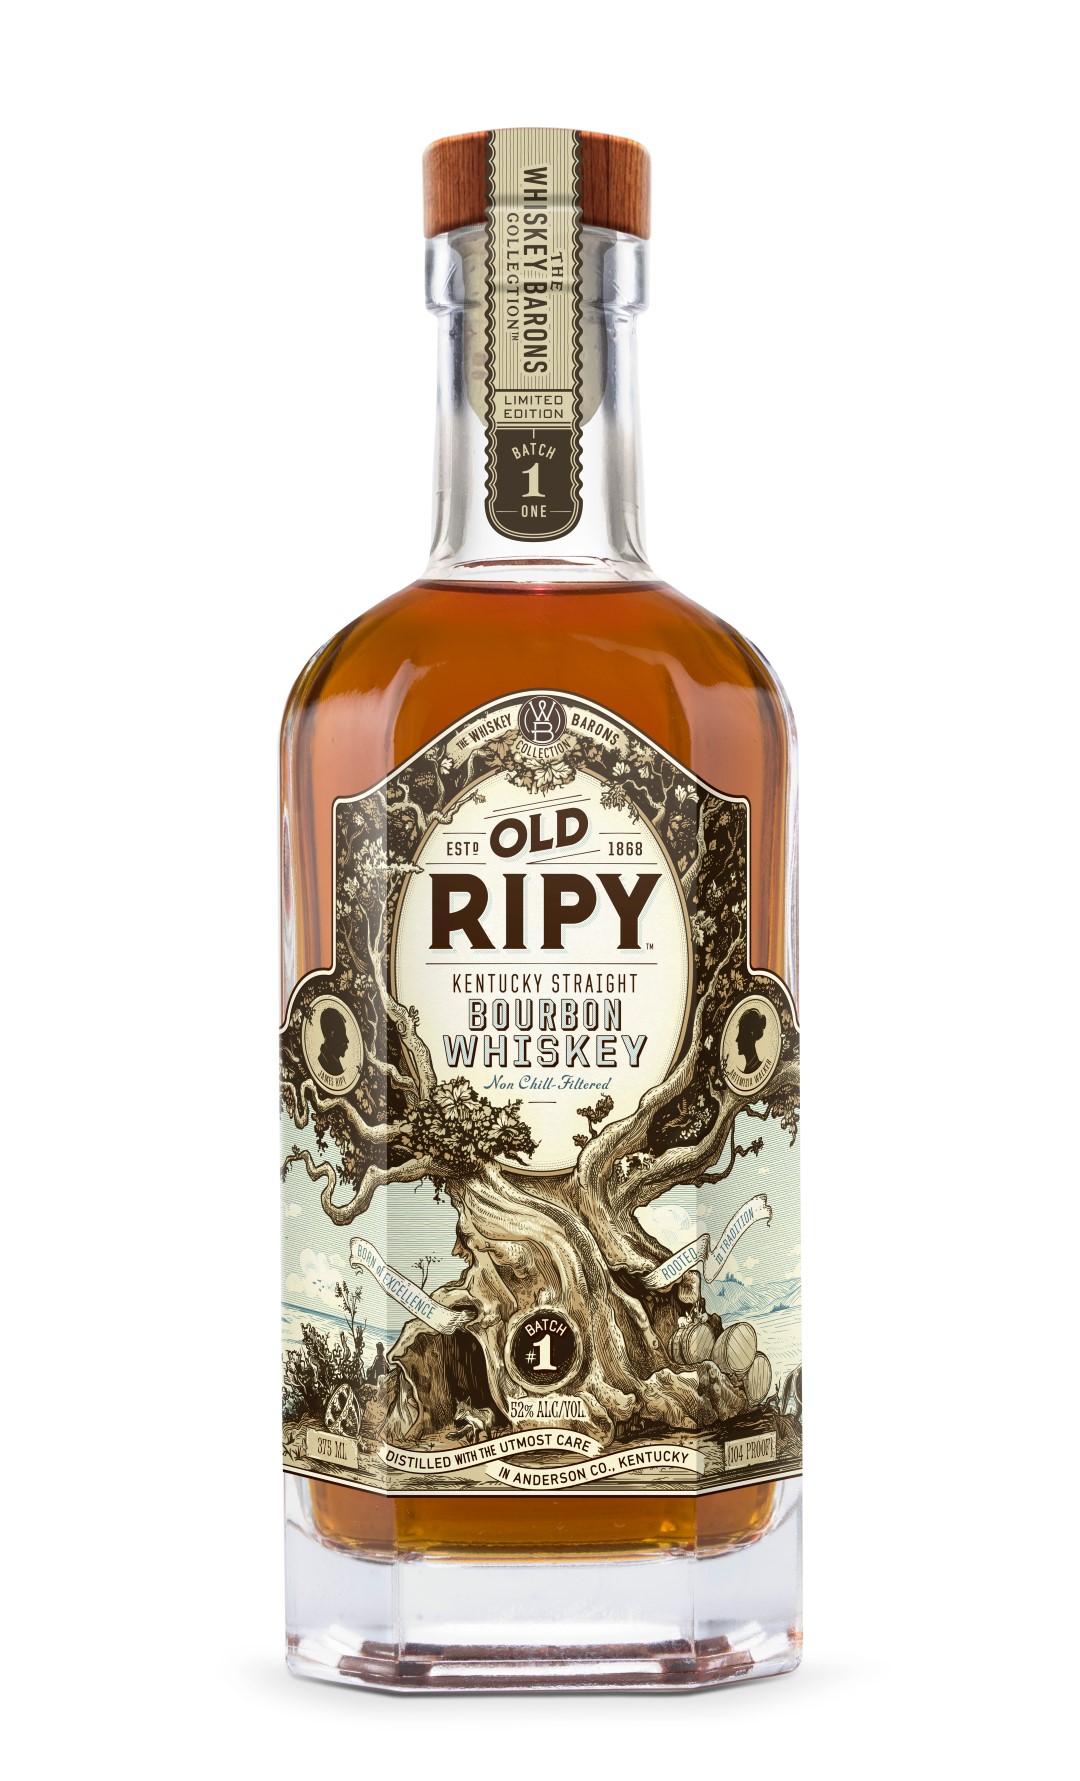 Old Ripy Kentucky Straight Bourbon